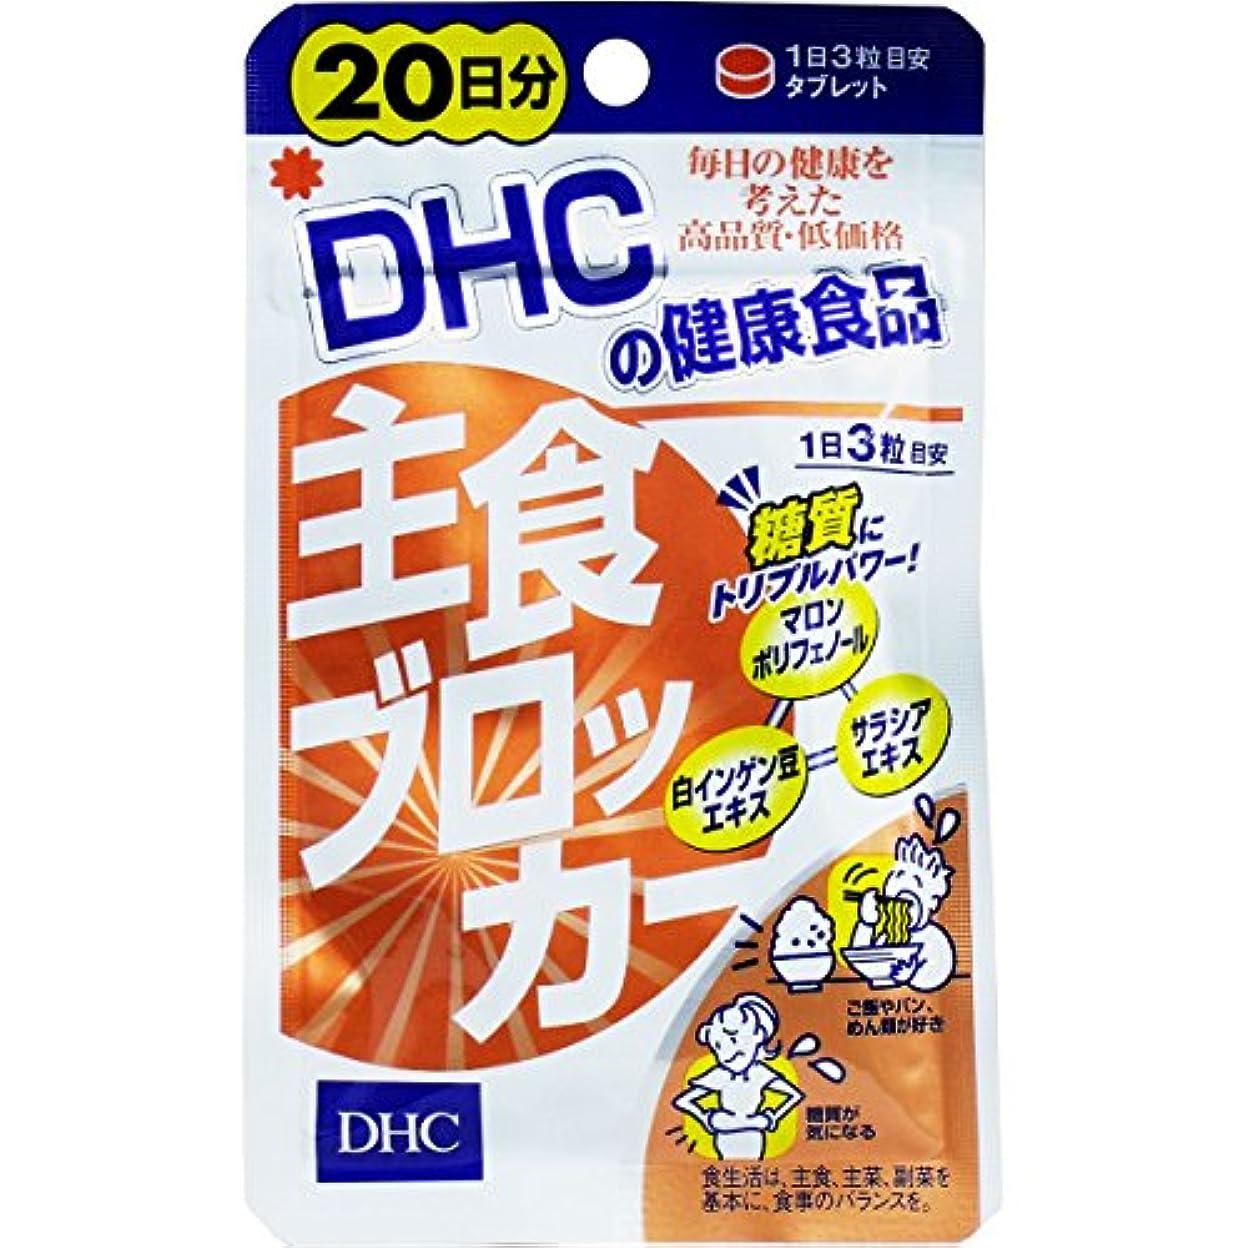 丈夫砲兵変更【DHC】主食ブロッカー 20日分 60粒 ×10個セット